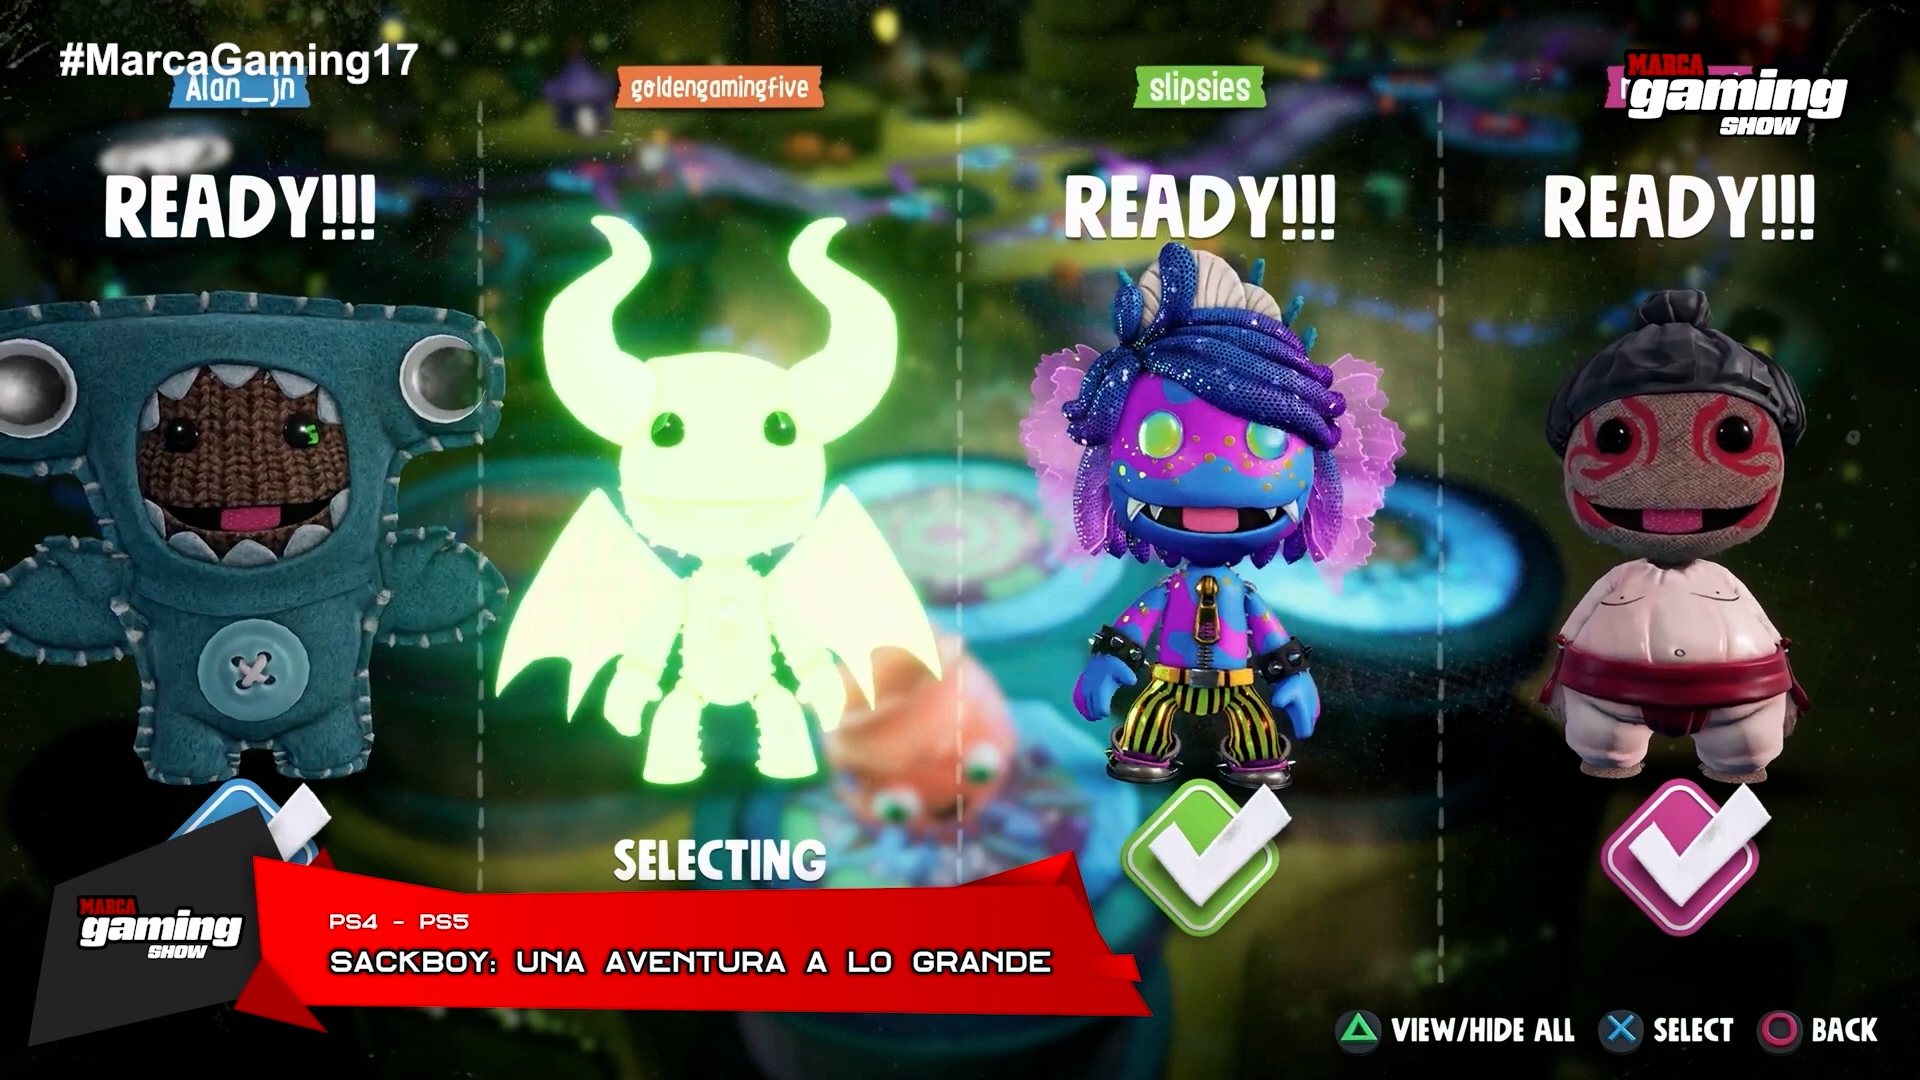 Sackboy: Una Aventura a lo Grande (PS4 - PS5)